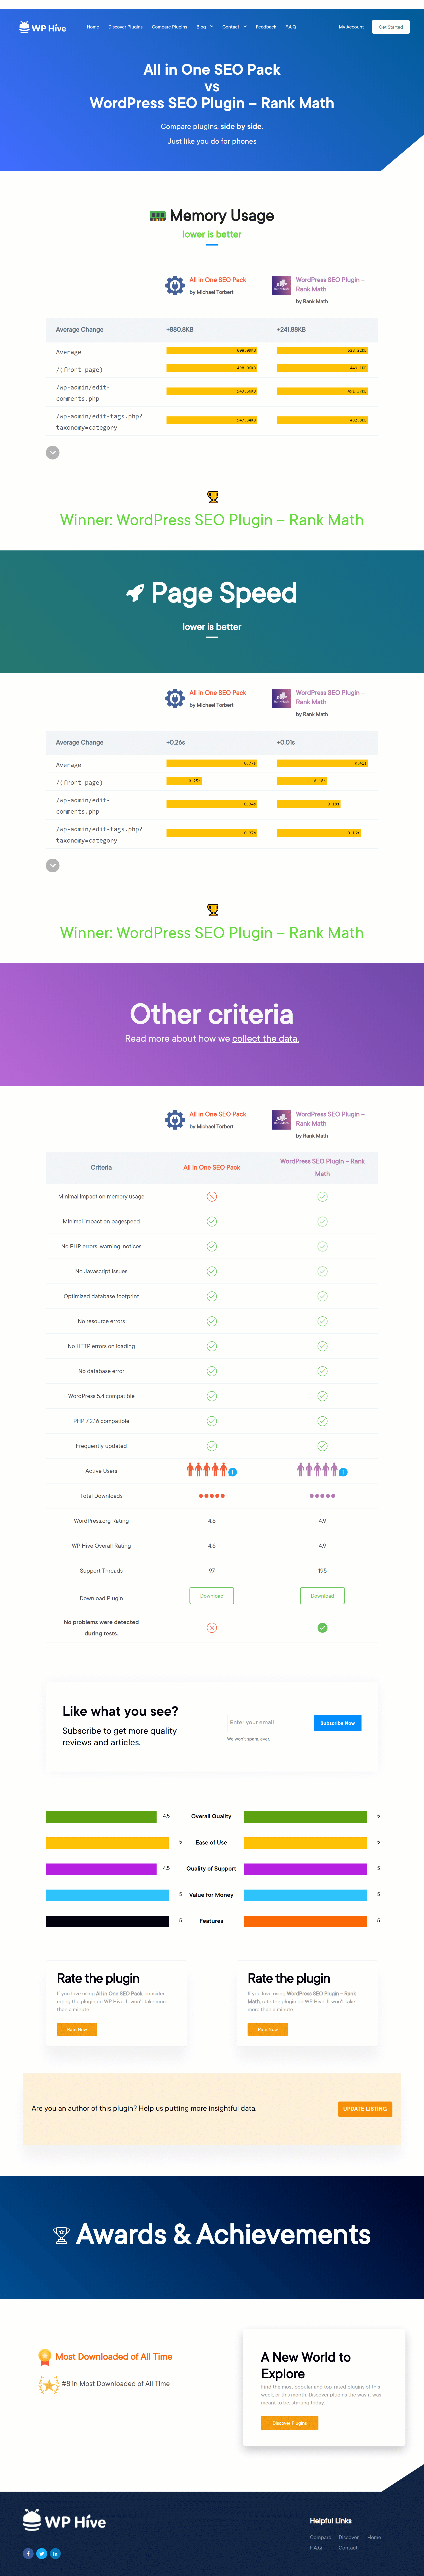 All in one vs rank math compare